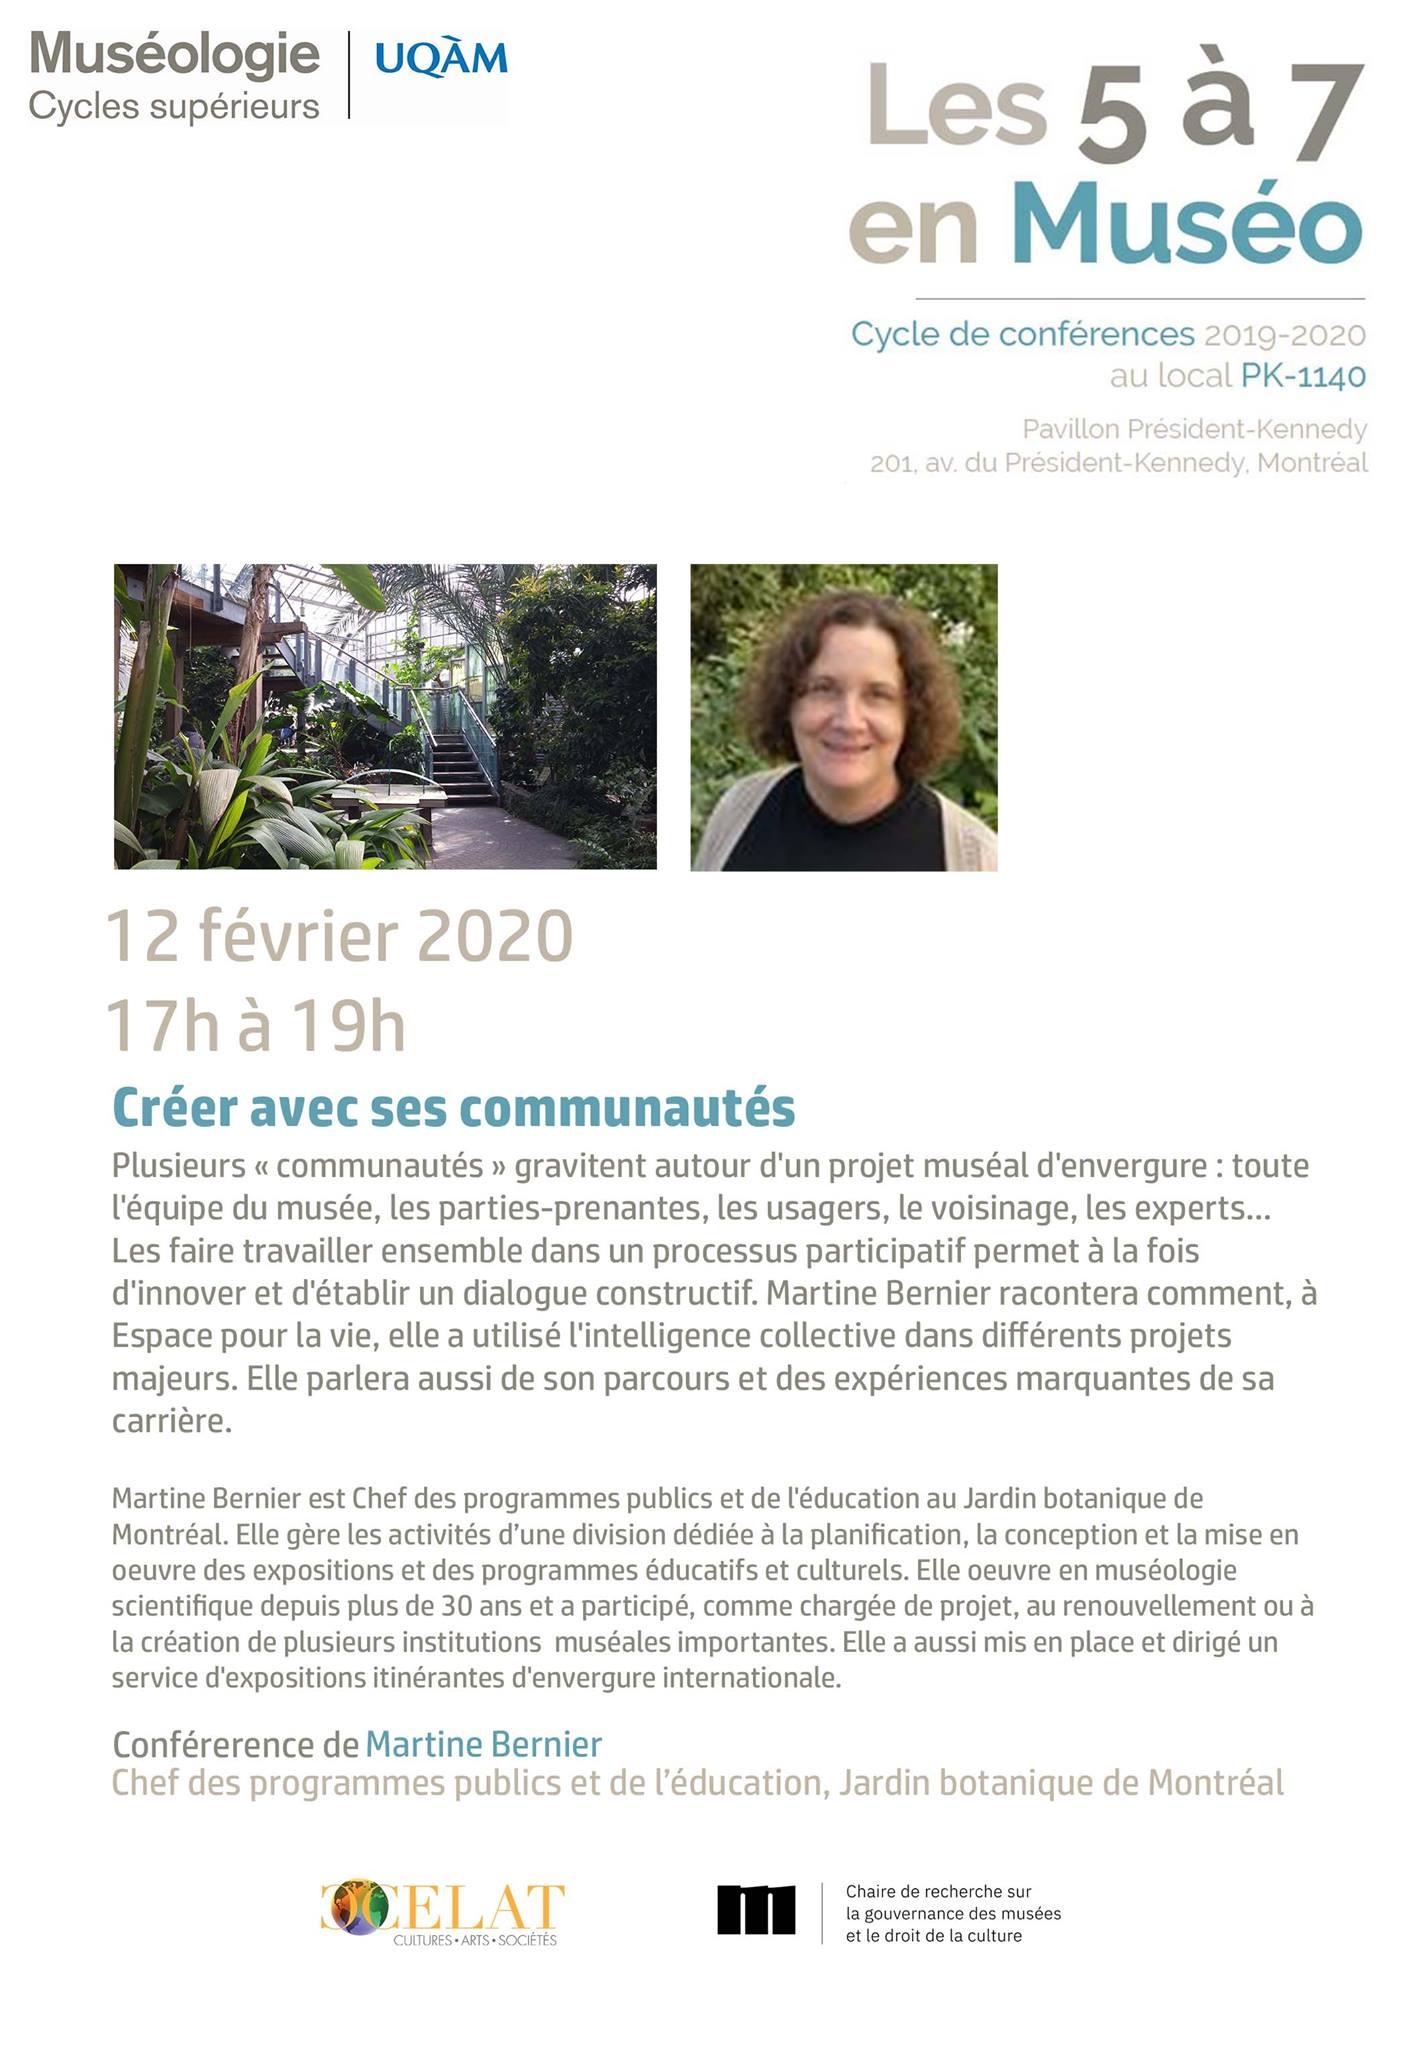 Les 5 à 7 en muséo | Martine Bernier : Créer avec ses communautés